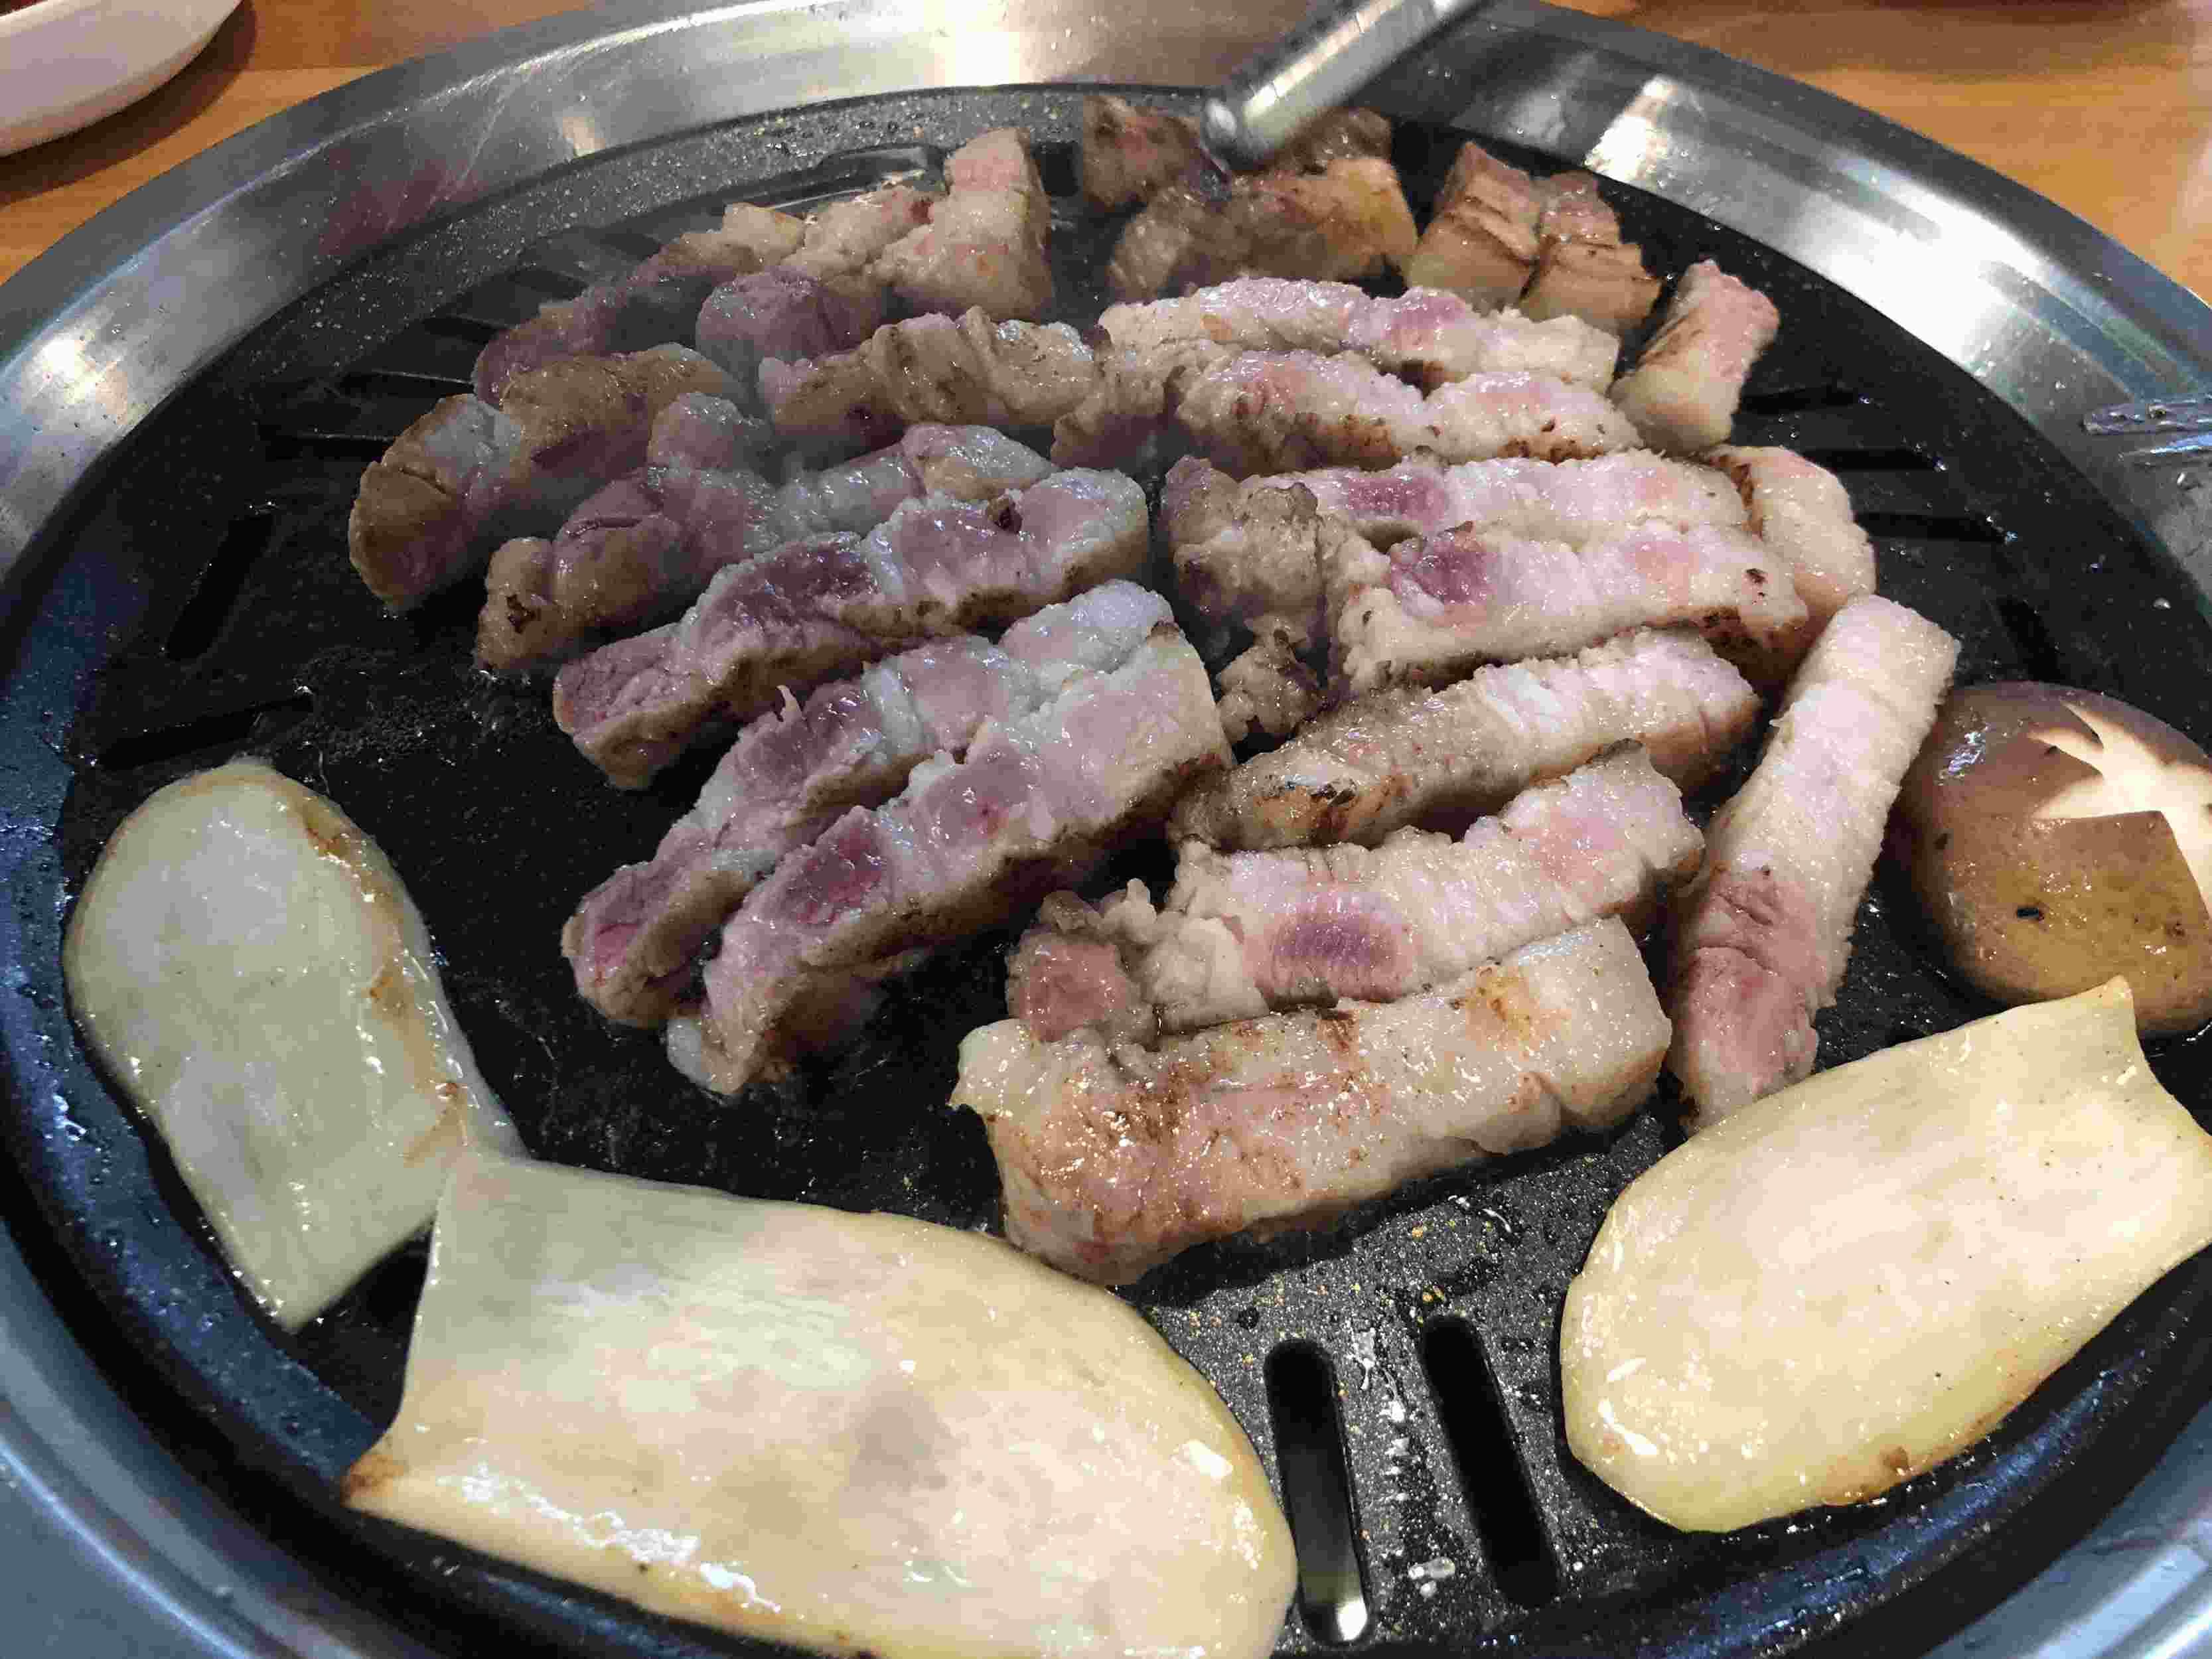 初见烤肉屋韩国料理